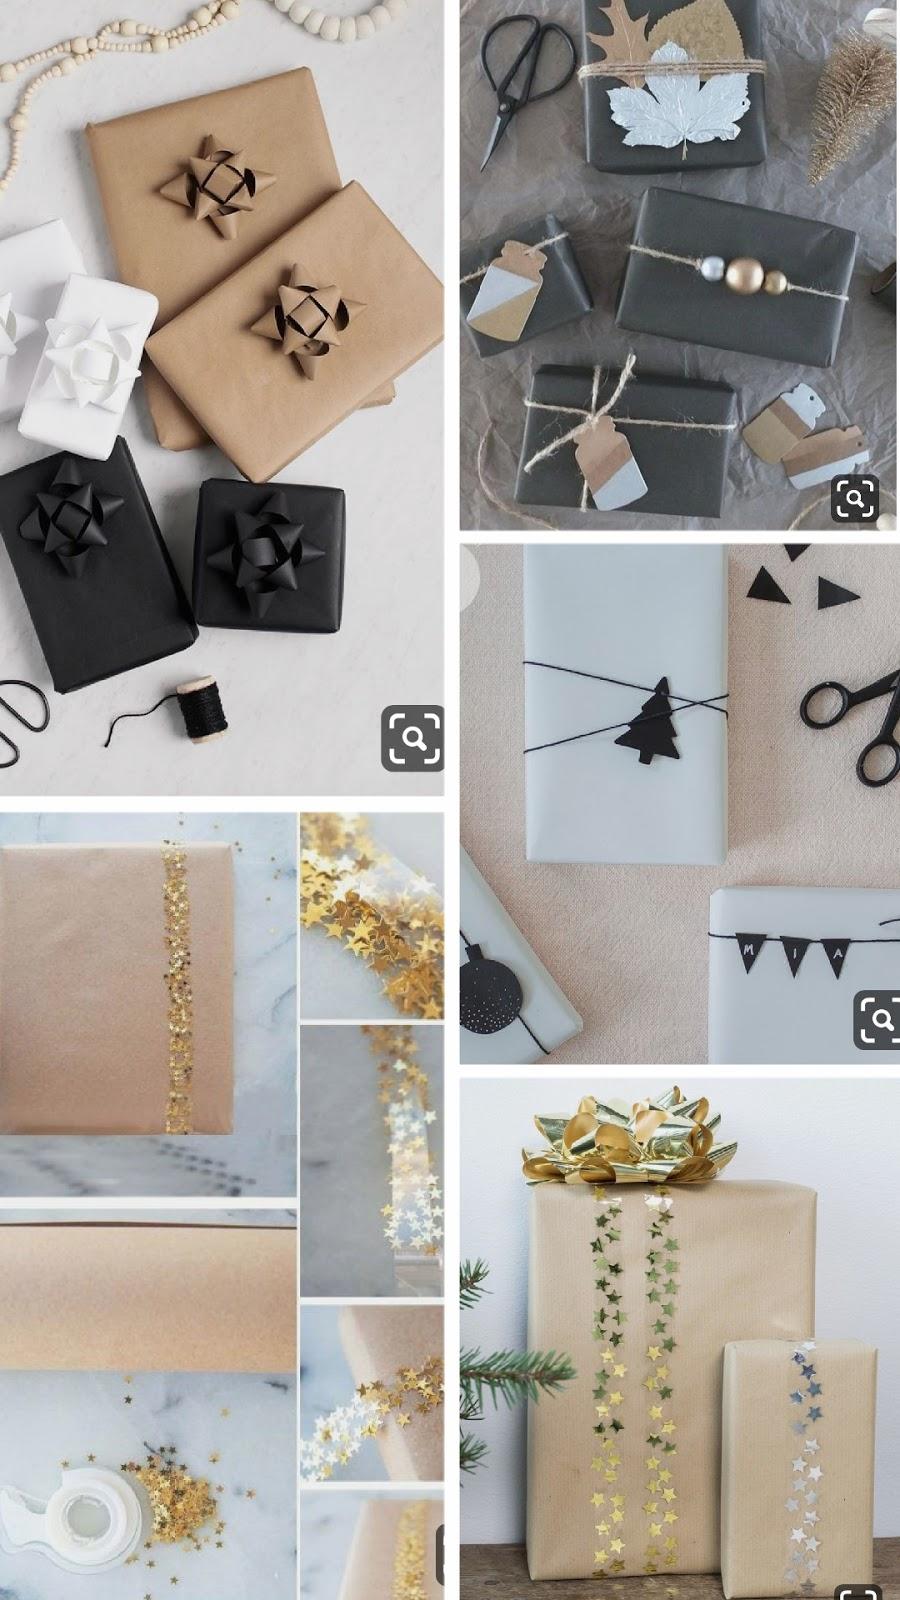 Pakowanie prezentów - inspiracje na święta - jak zapakować prezent dla najbliższych?